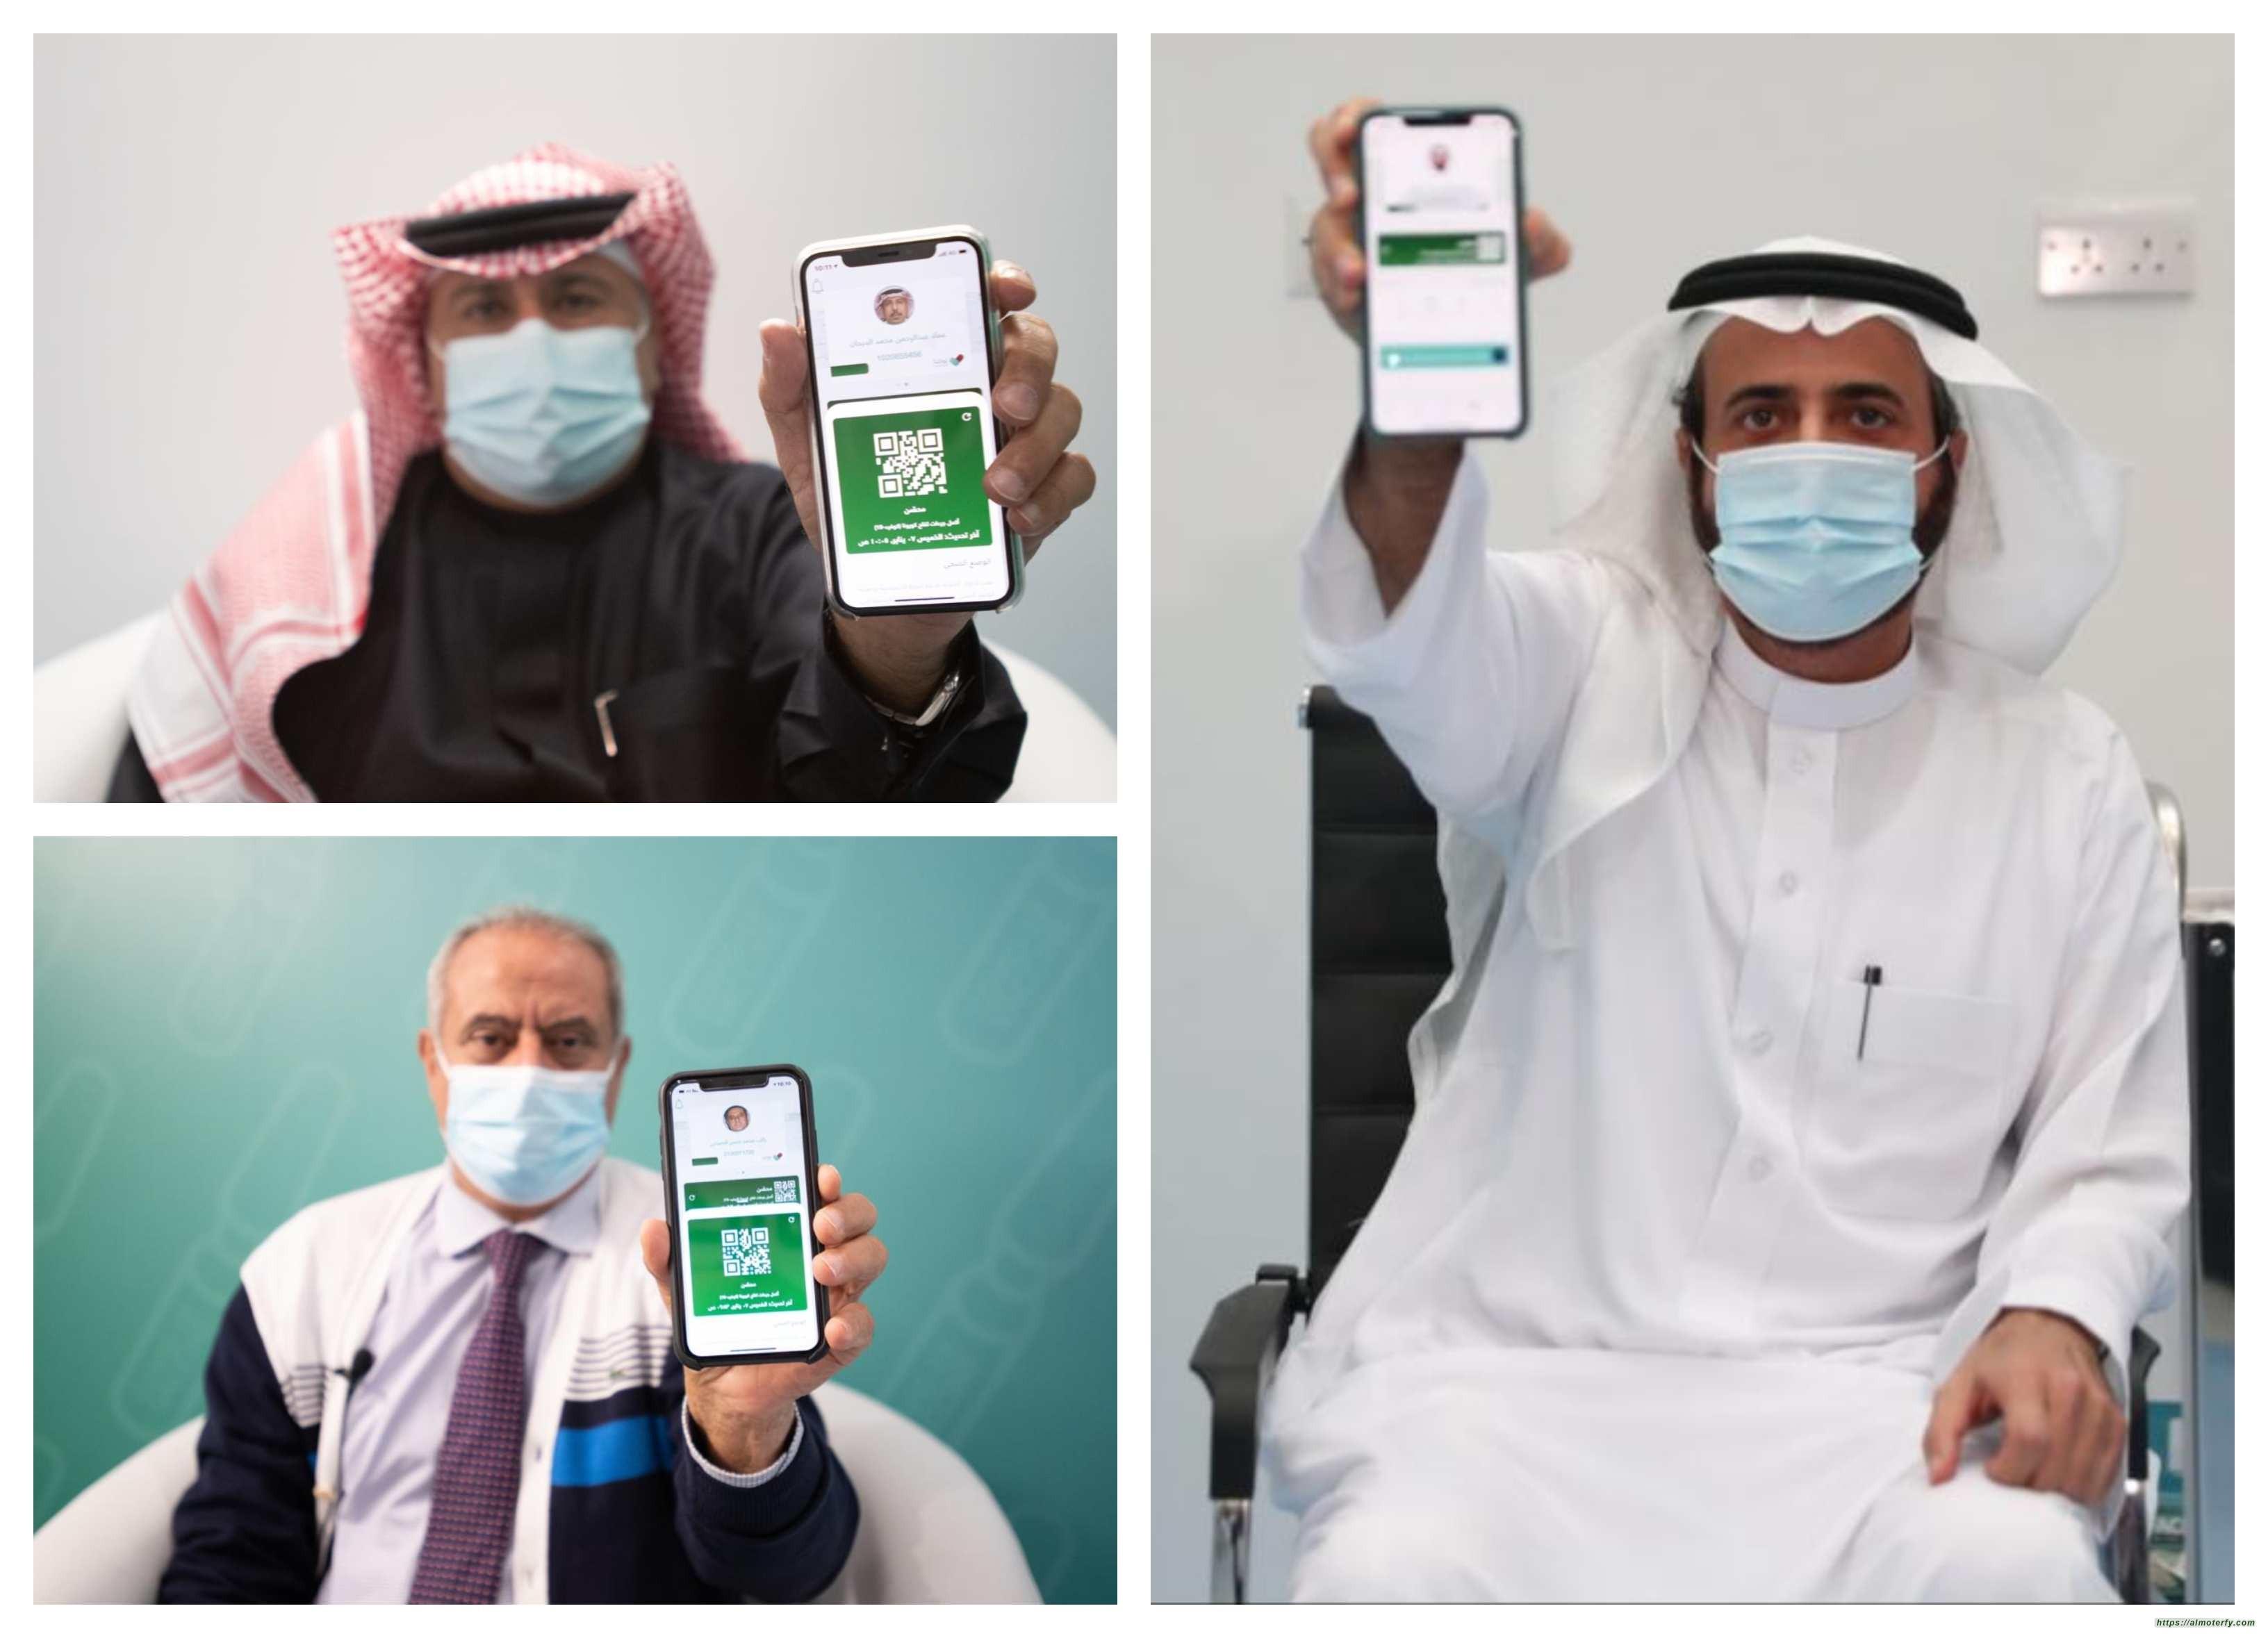 """وزارة الصحة وسدايا تعلنان إطلاق خدمة """"الجواز الصحي"""" عبر تطبيق توكلنا"""